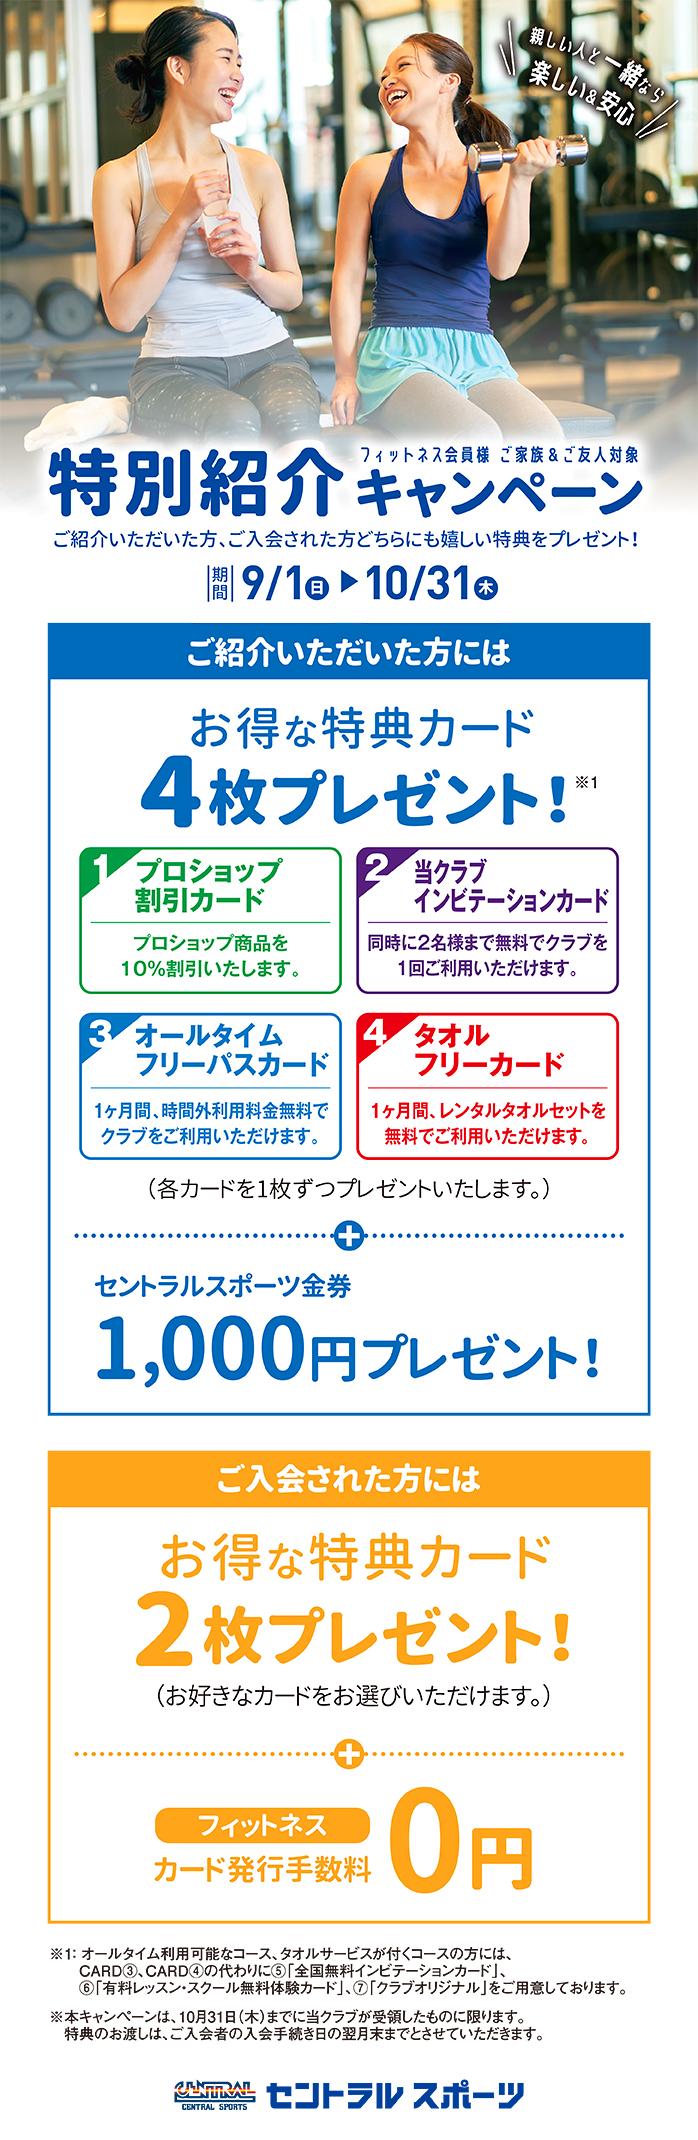 特別紹介キャンペーンのお知らせ